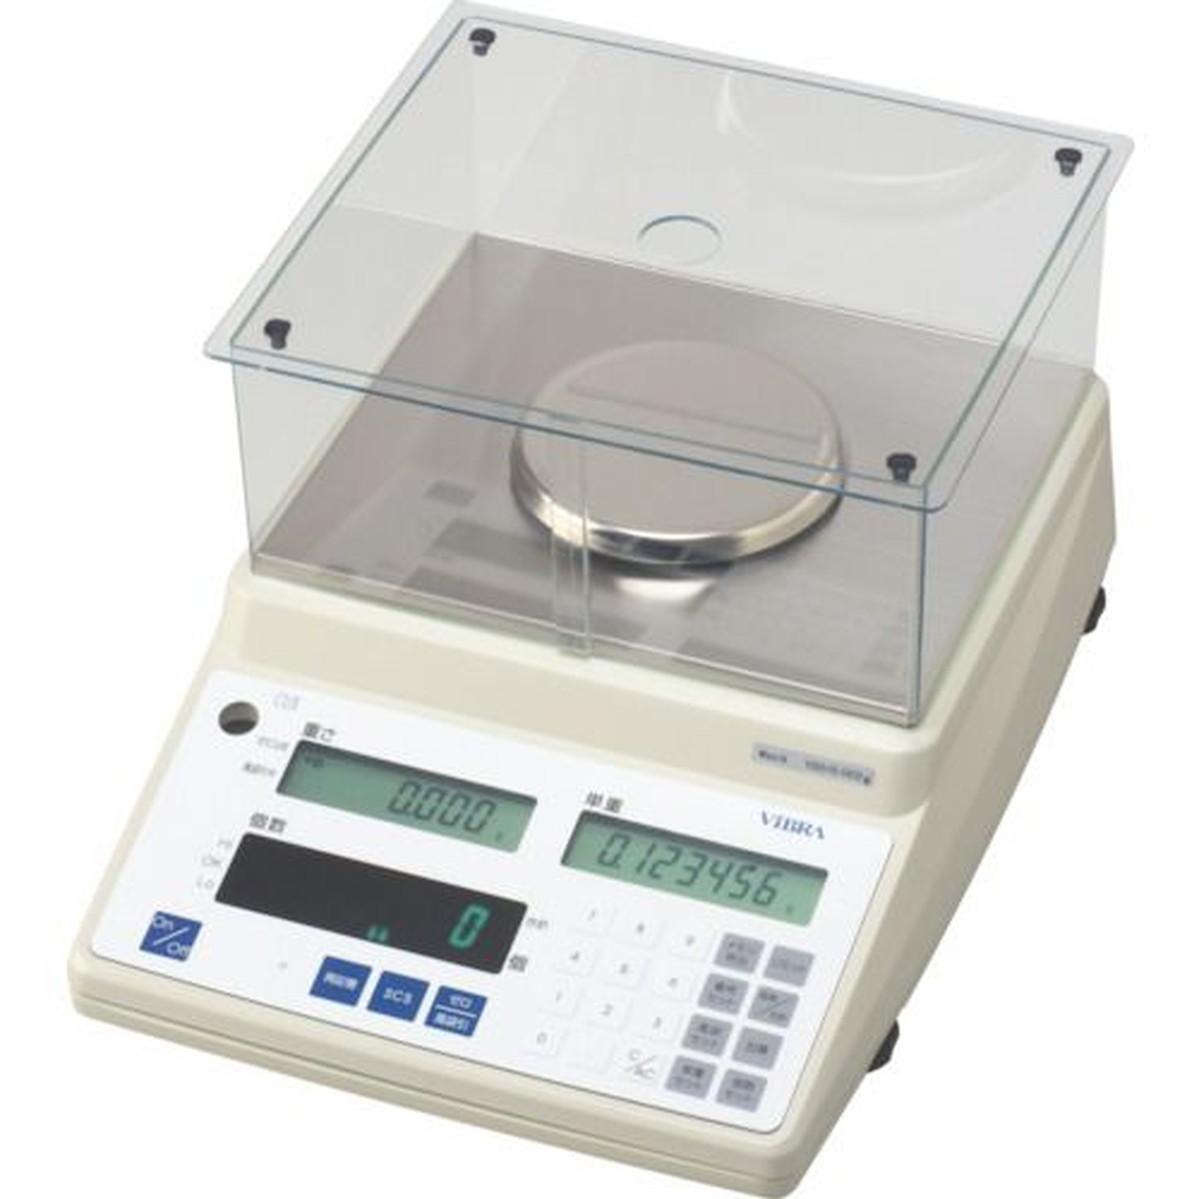 【在庫有】 ViBRA カウンティングスケール 秤量0.15kg 最小表示0.002g 1台, インナーショップクレール 87d01c57